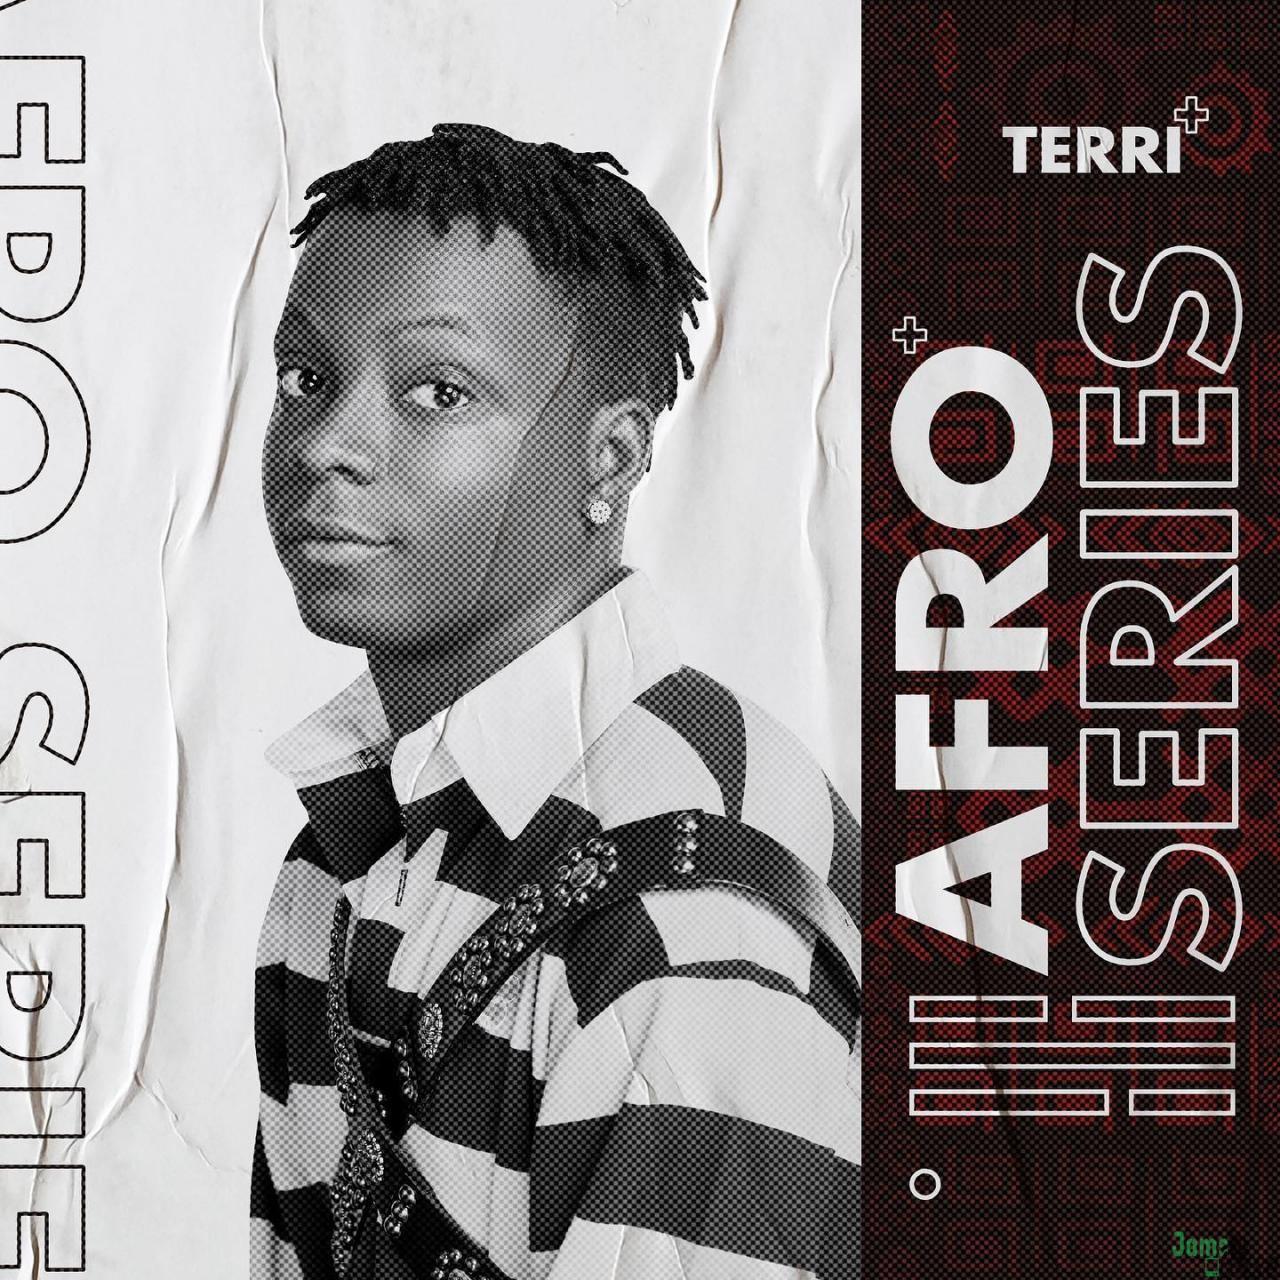 Download Terri – Wake Up